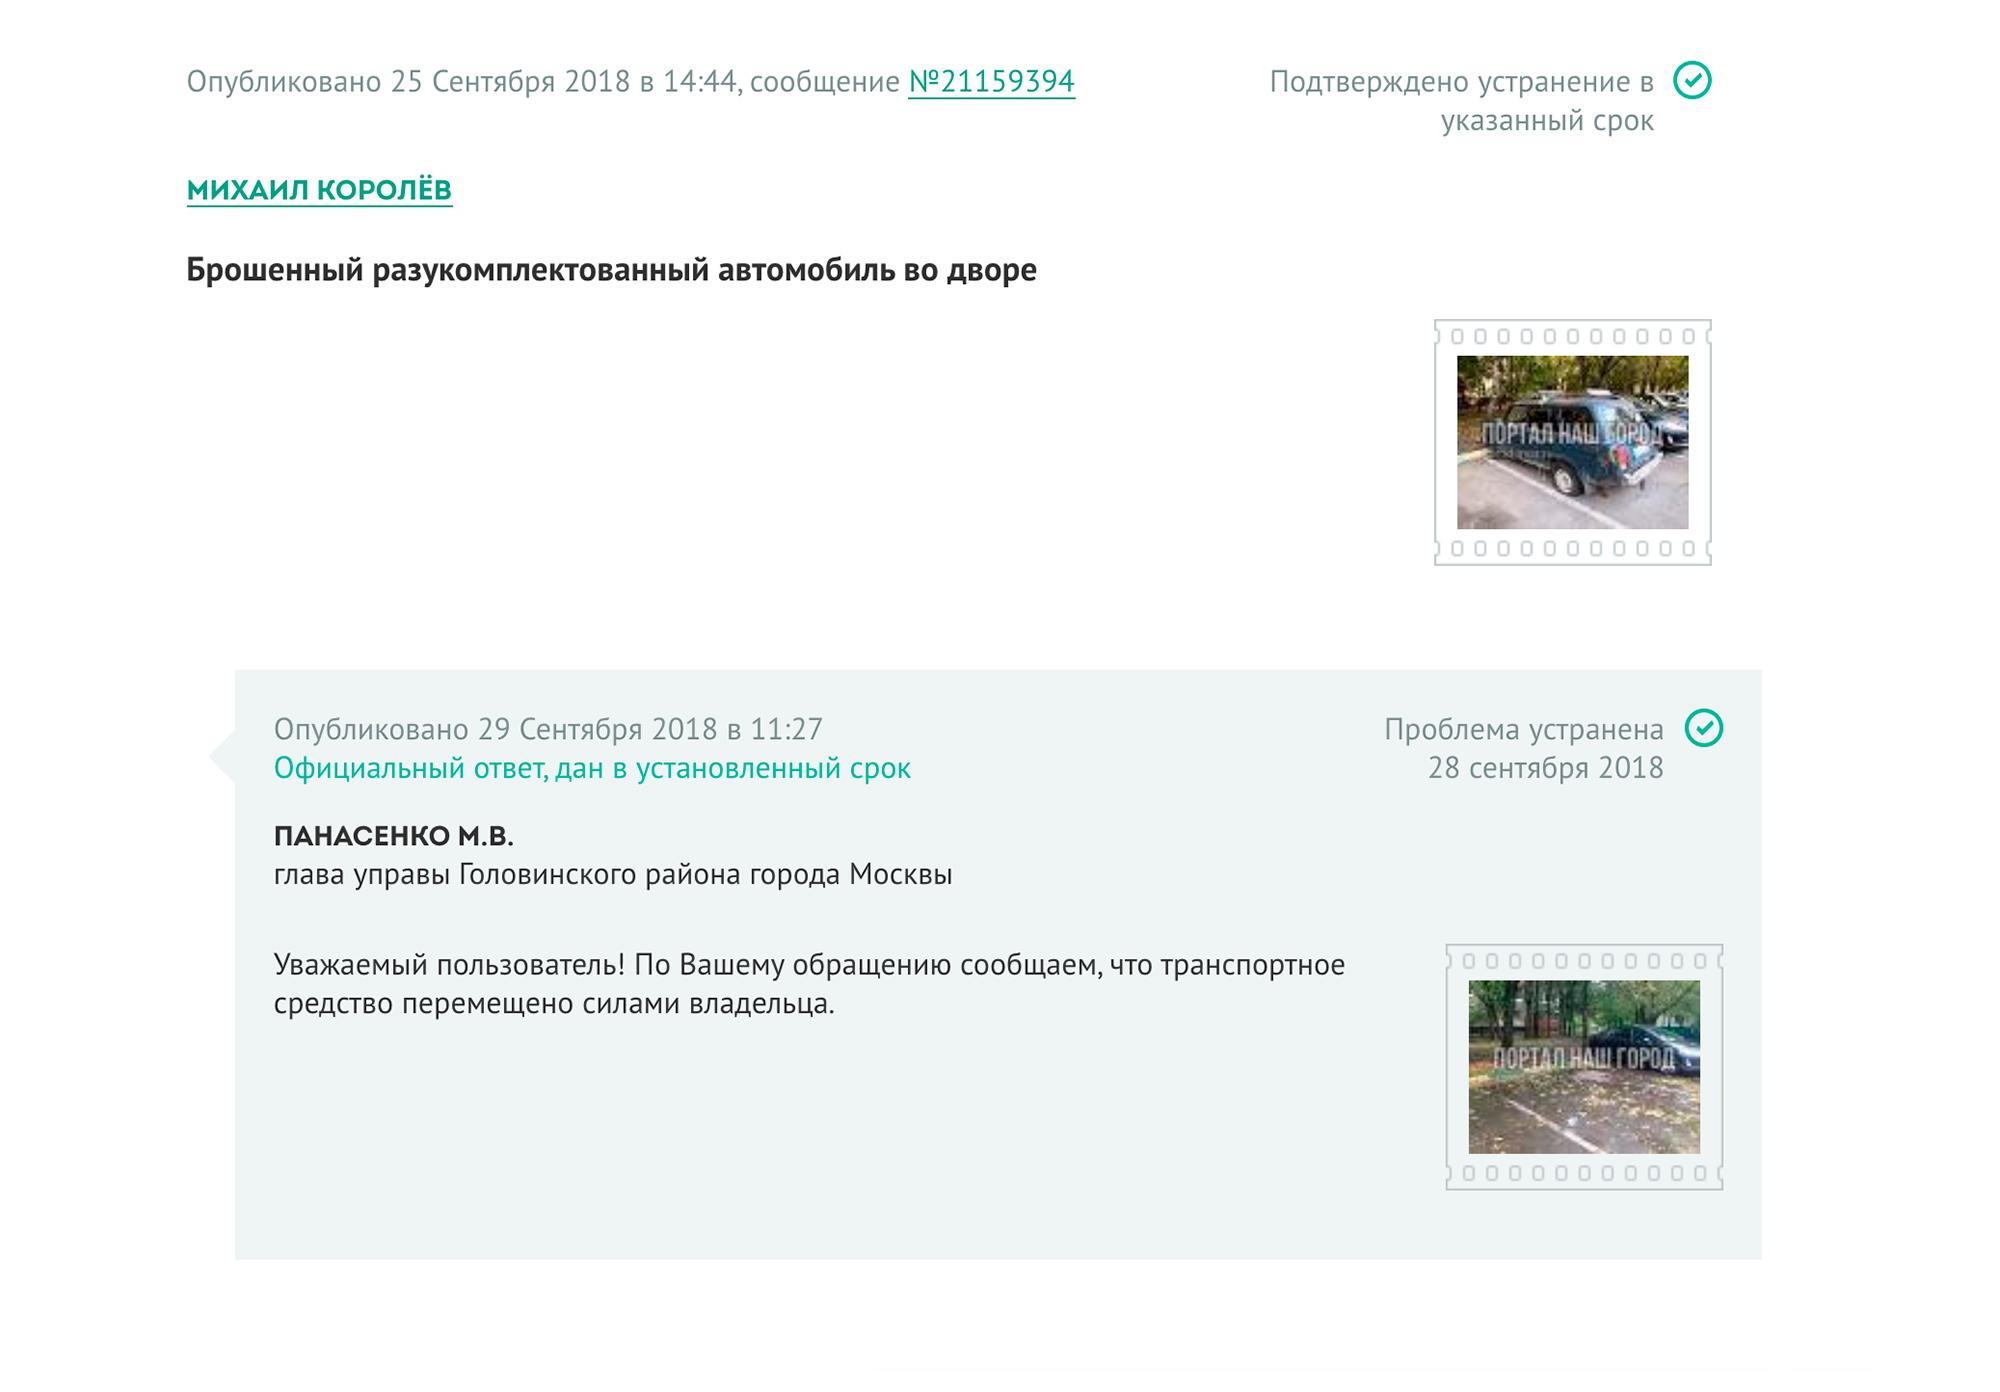 Вот обращение от одного из пользователей московского портала по поводу брошенного автомобиля. Видимо, администрация связалась с владельцем, и тот сам отогнал автомобиль